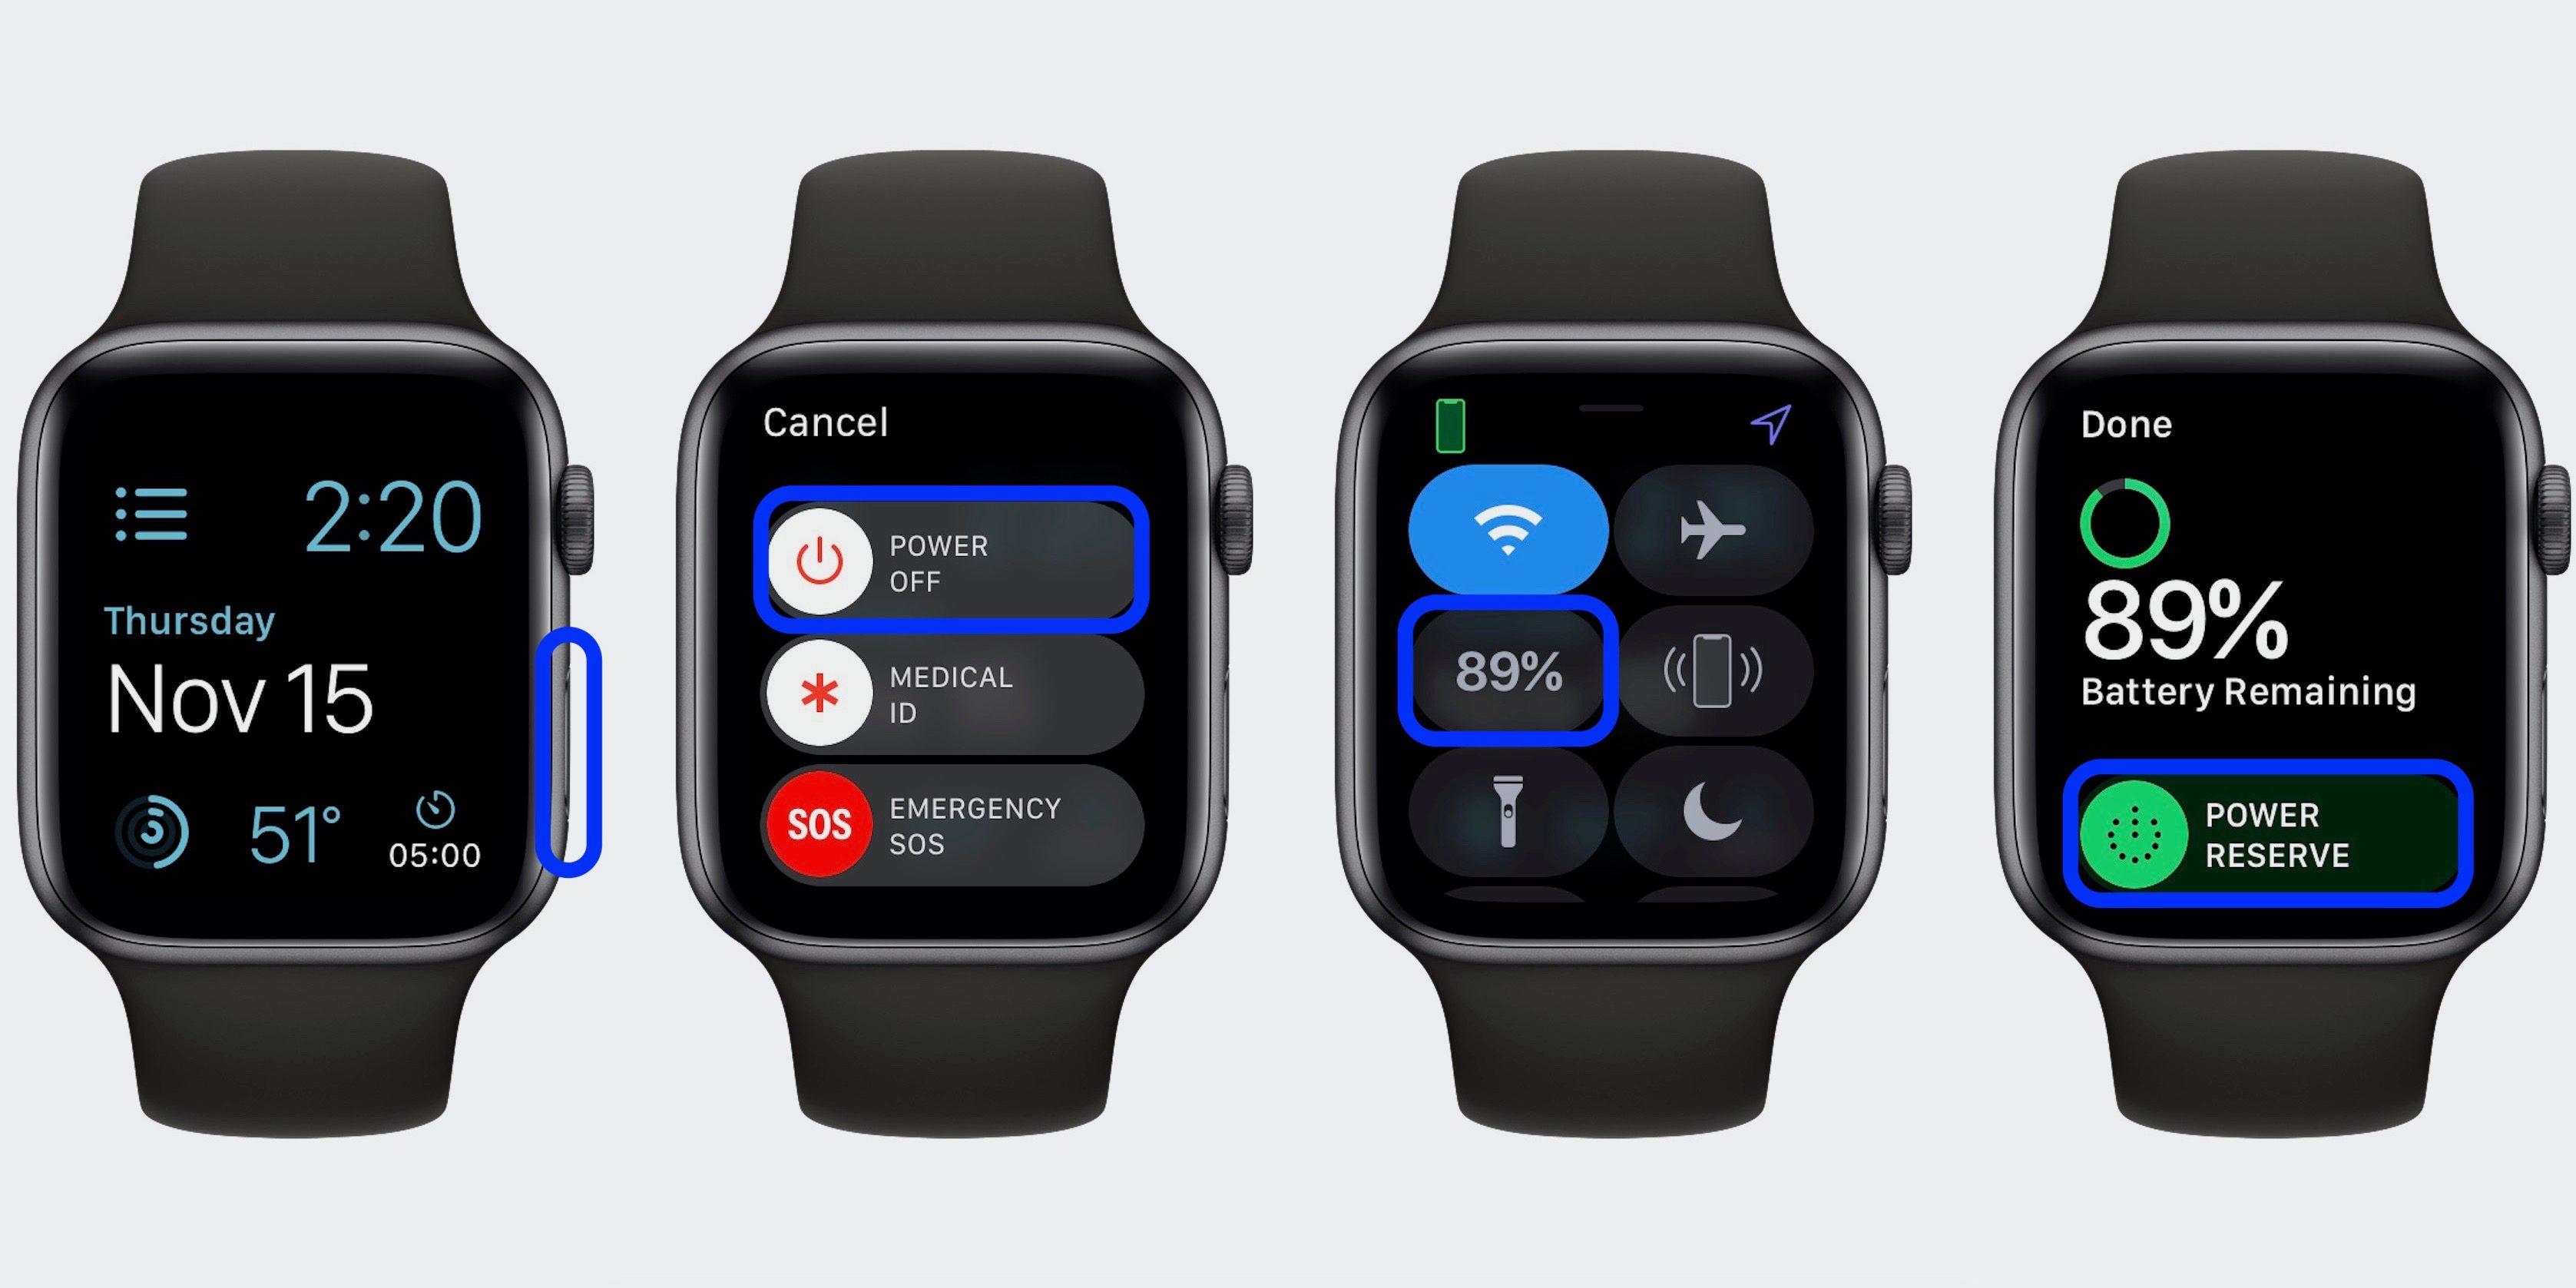 """<span href=""""https://9to5mac.com/2018/11/15/how-to-turn-apple-watch-on-and-off/"""">Cómo activar el Apple Watch encendido y apagado</a>"""